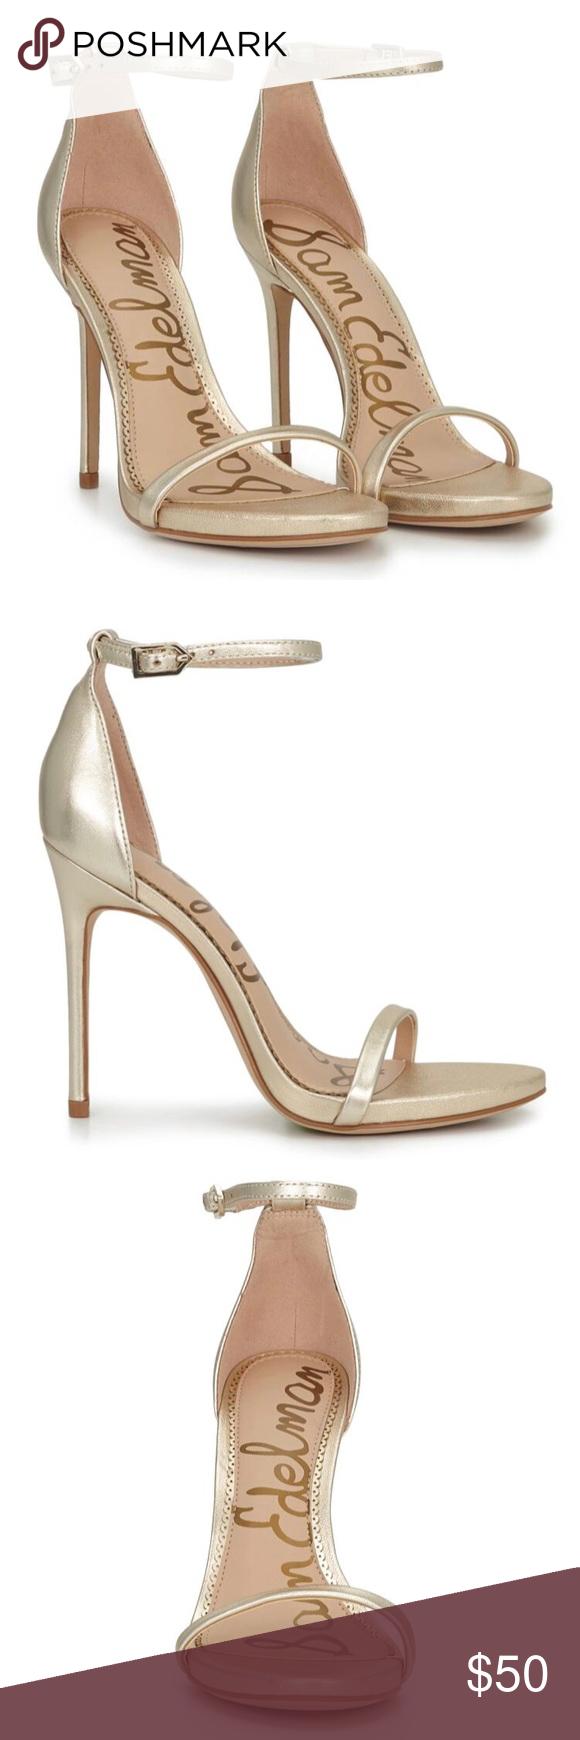 f4a844243de9 Sam Edelman -Ariella- ankle strap sandal NWT Sam Edelman -Ariella- ankle  strap